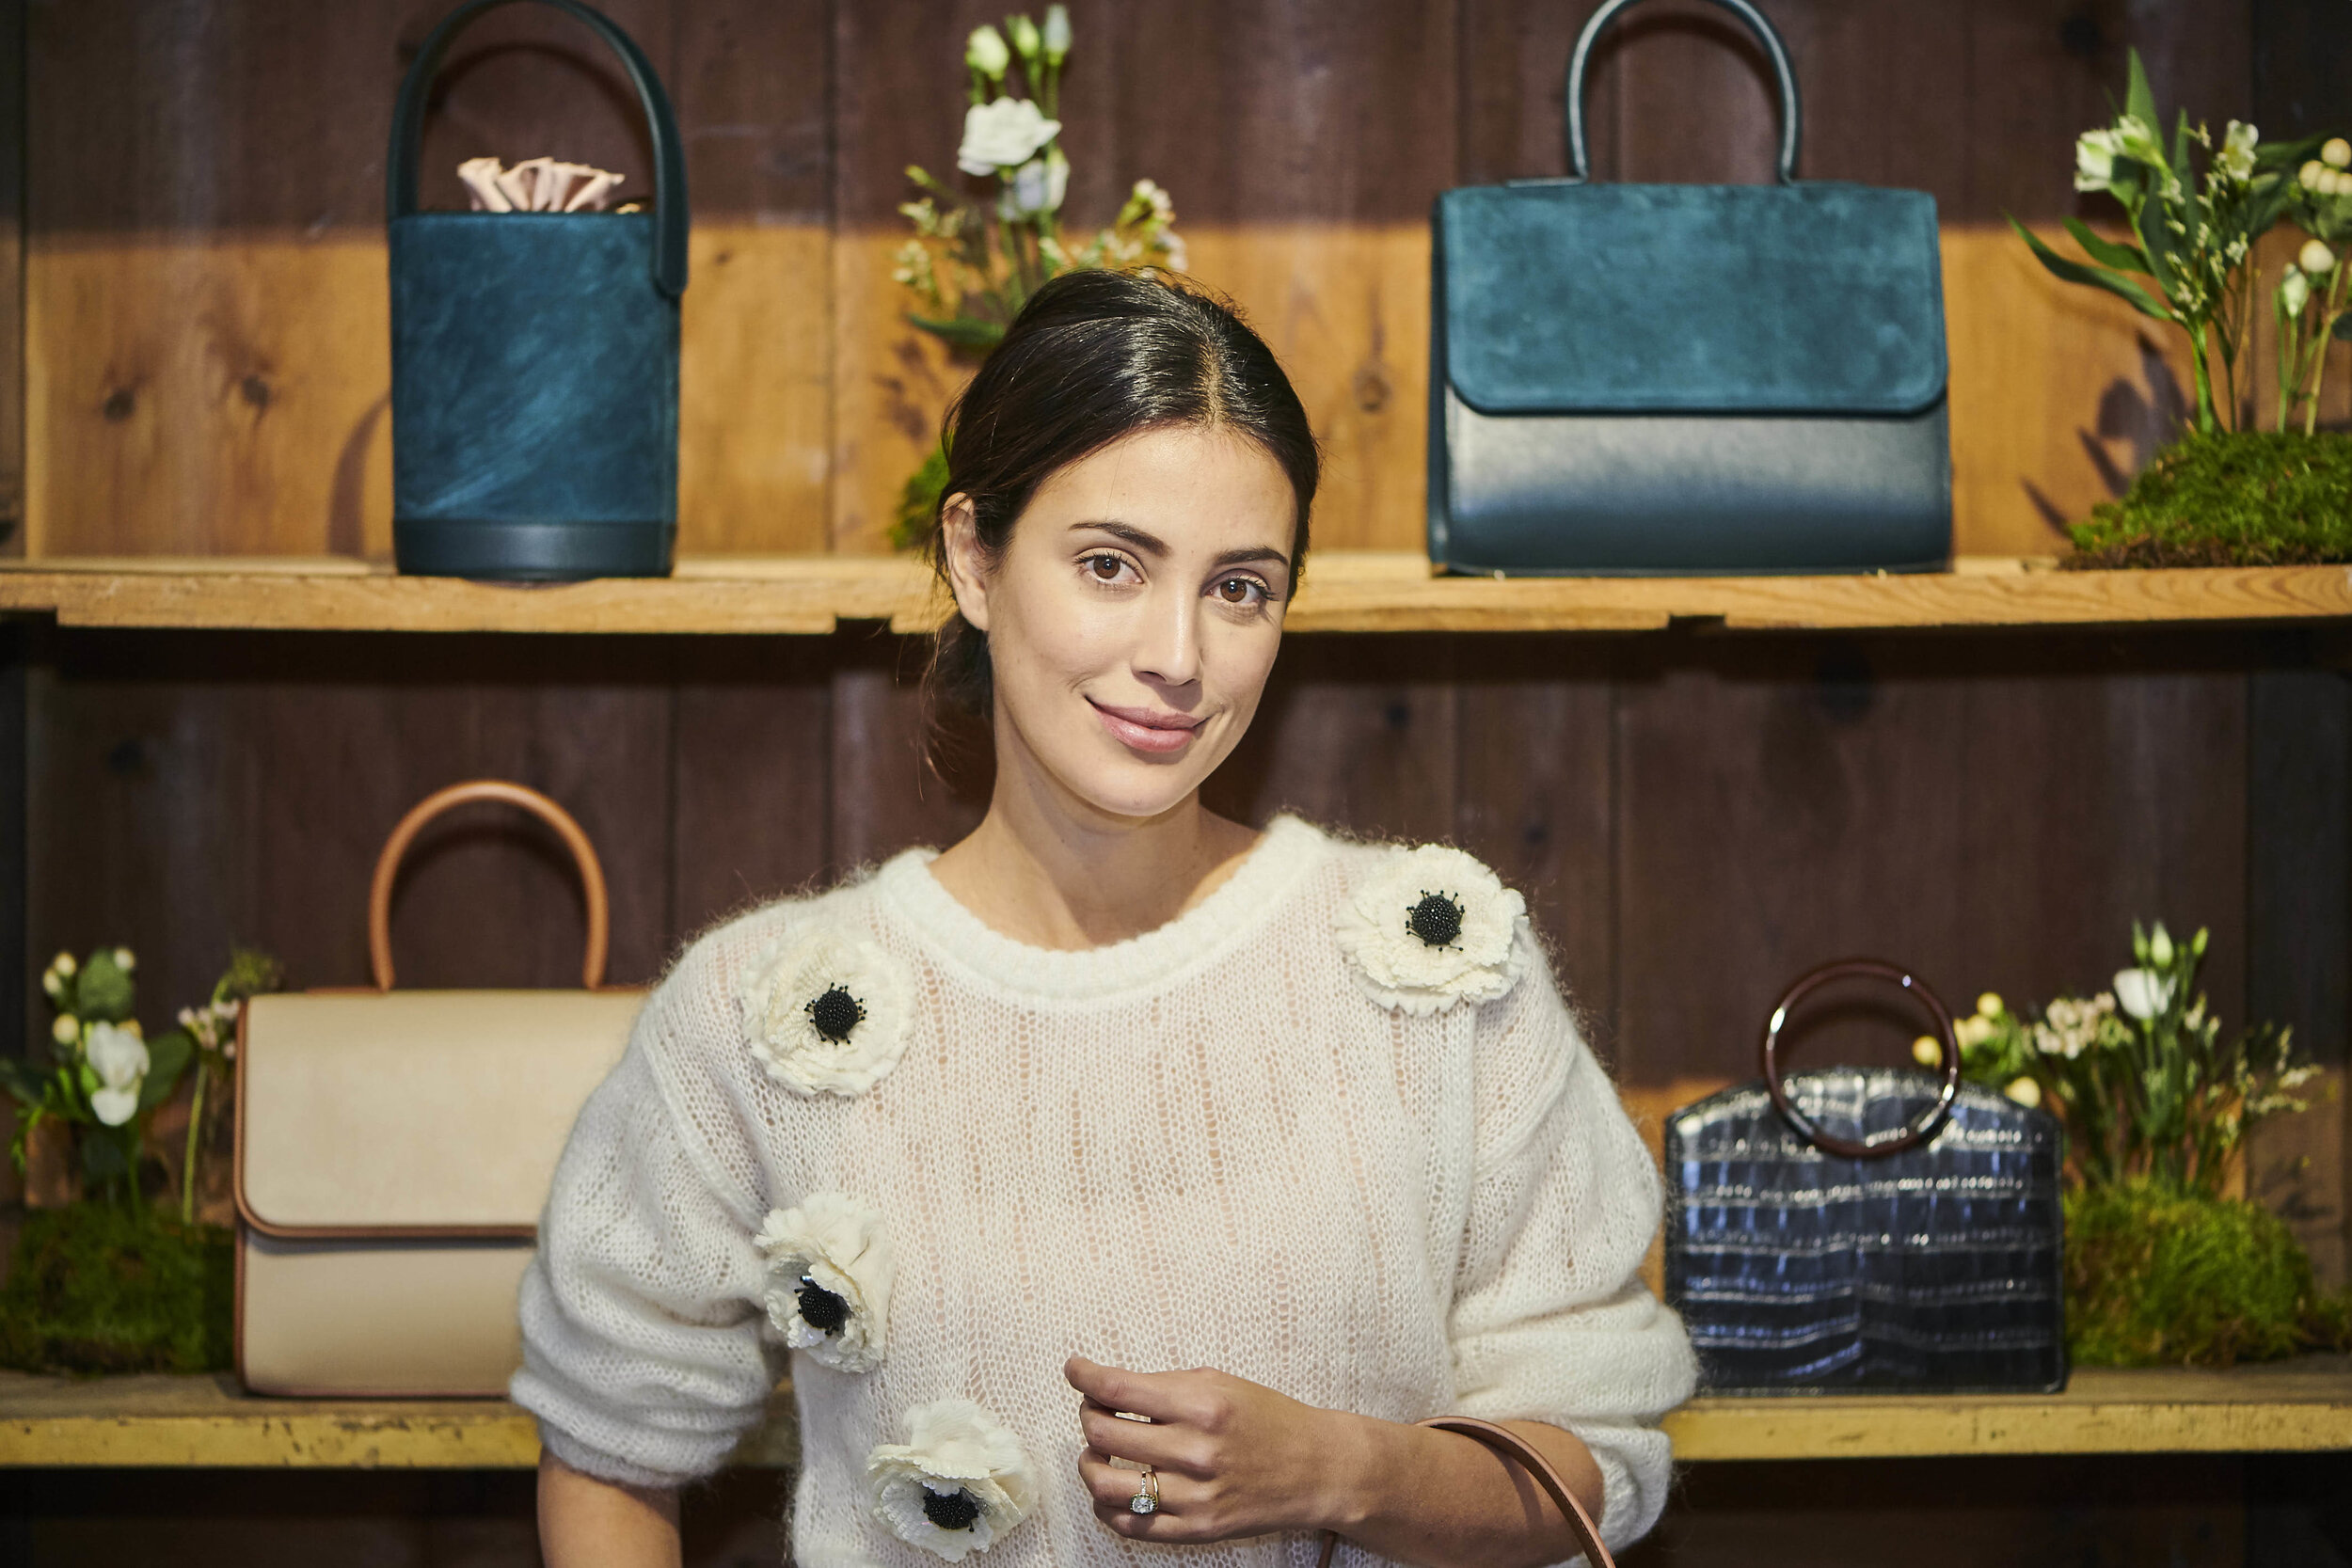 Alessandra von Hannover hat vor wenigen Tagen ihre neue Handtaschen-Kollektion vorgestellt.  © picture alliance/PPE